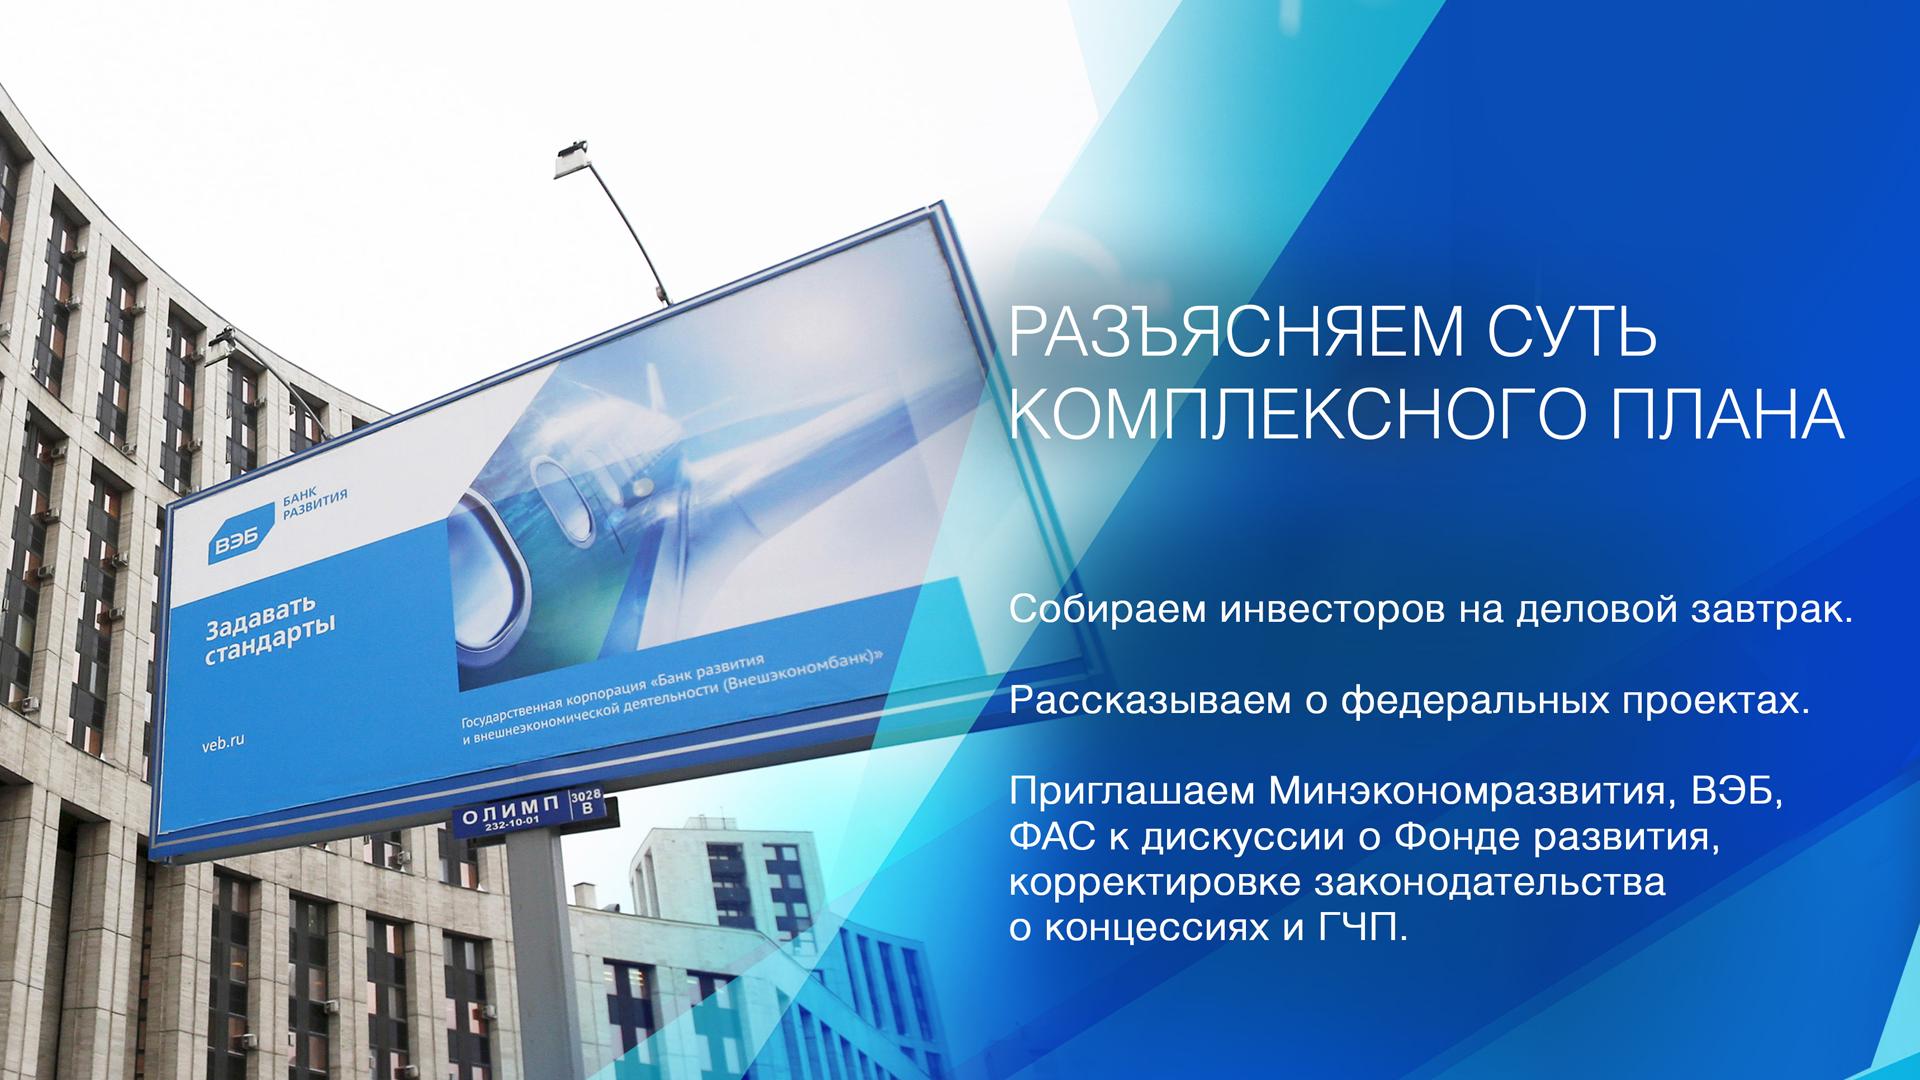 presentation_ru-4